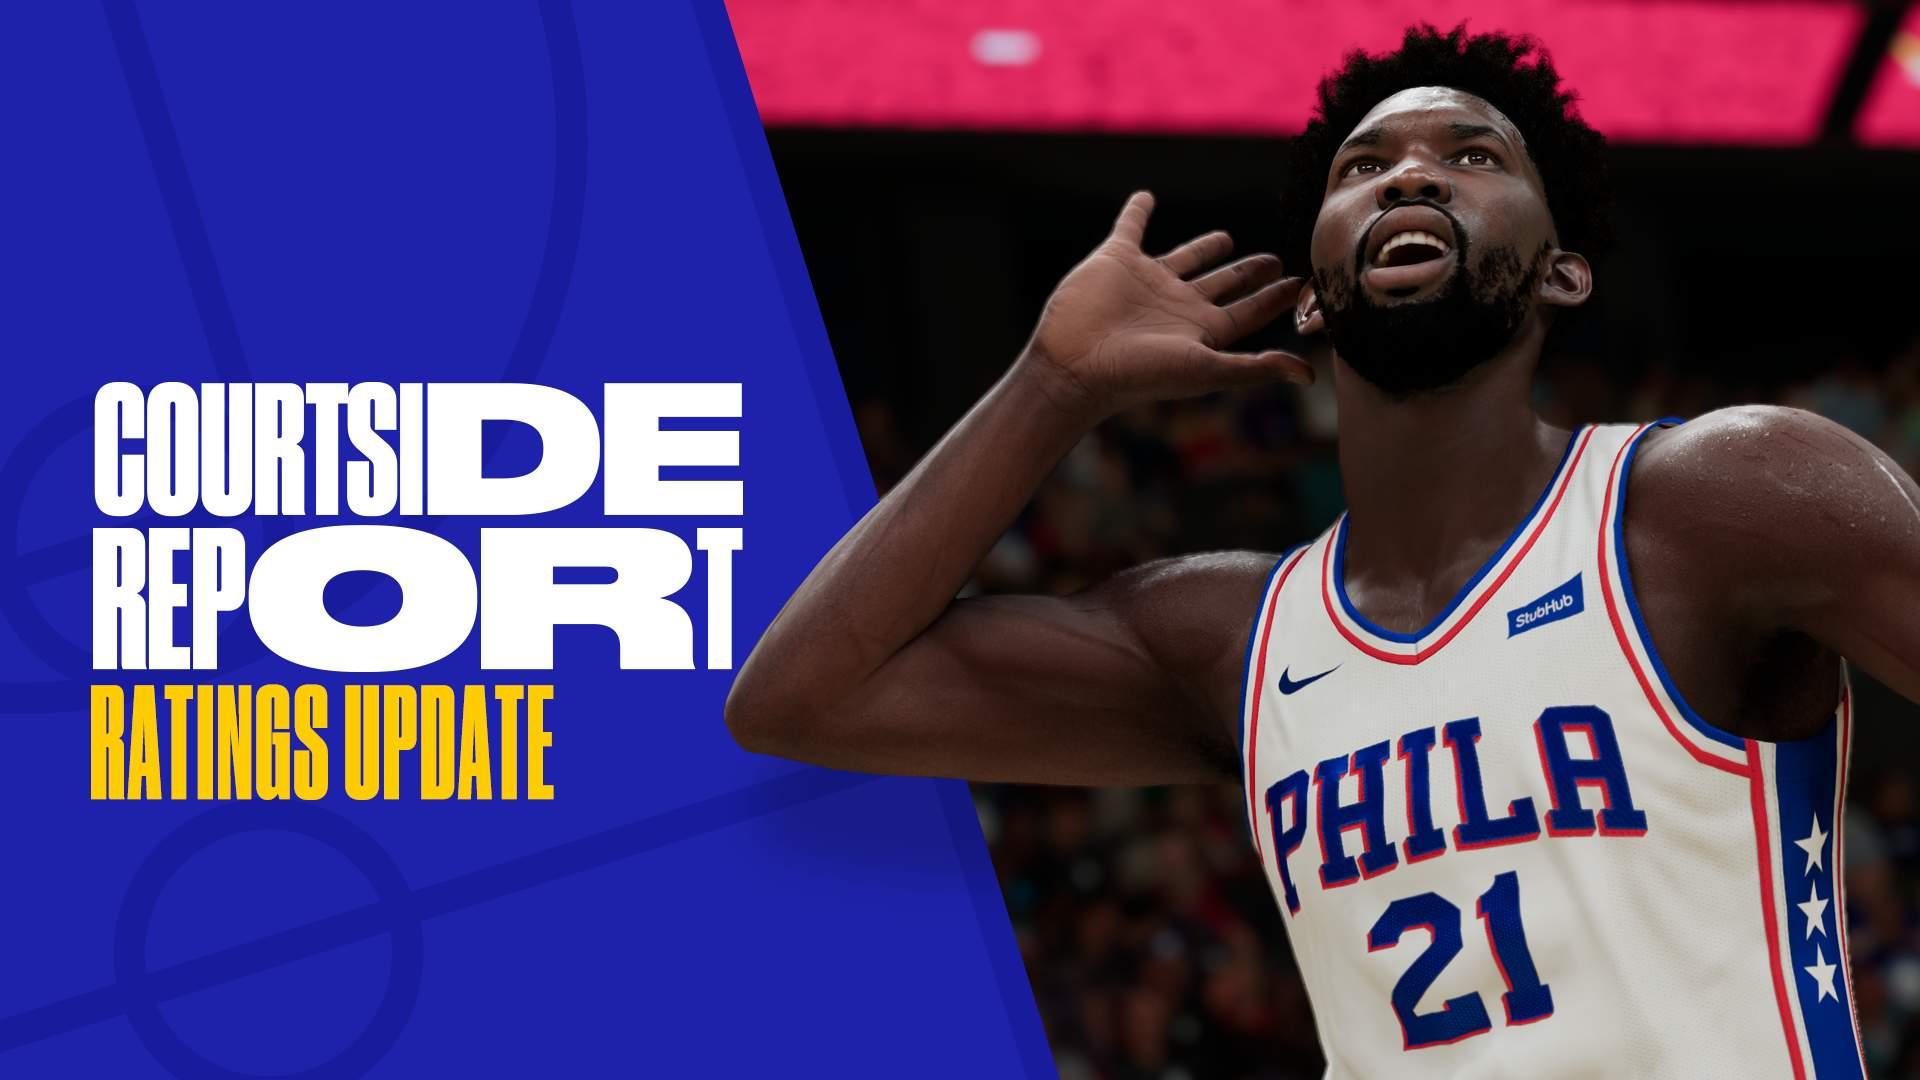 2K ha rilasciato gli aggiornamenti dei ratings di NBA 2K21